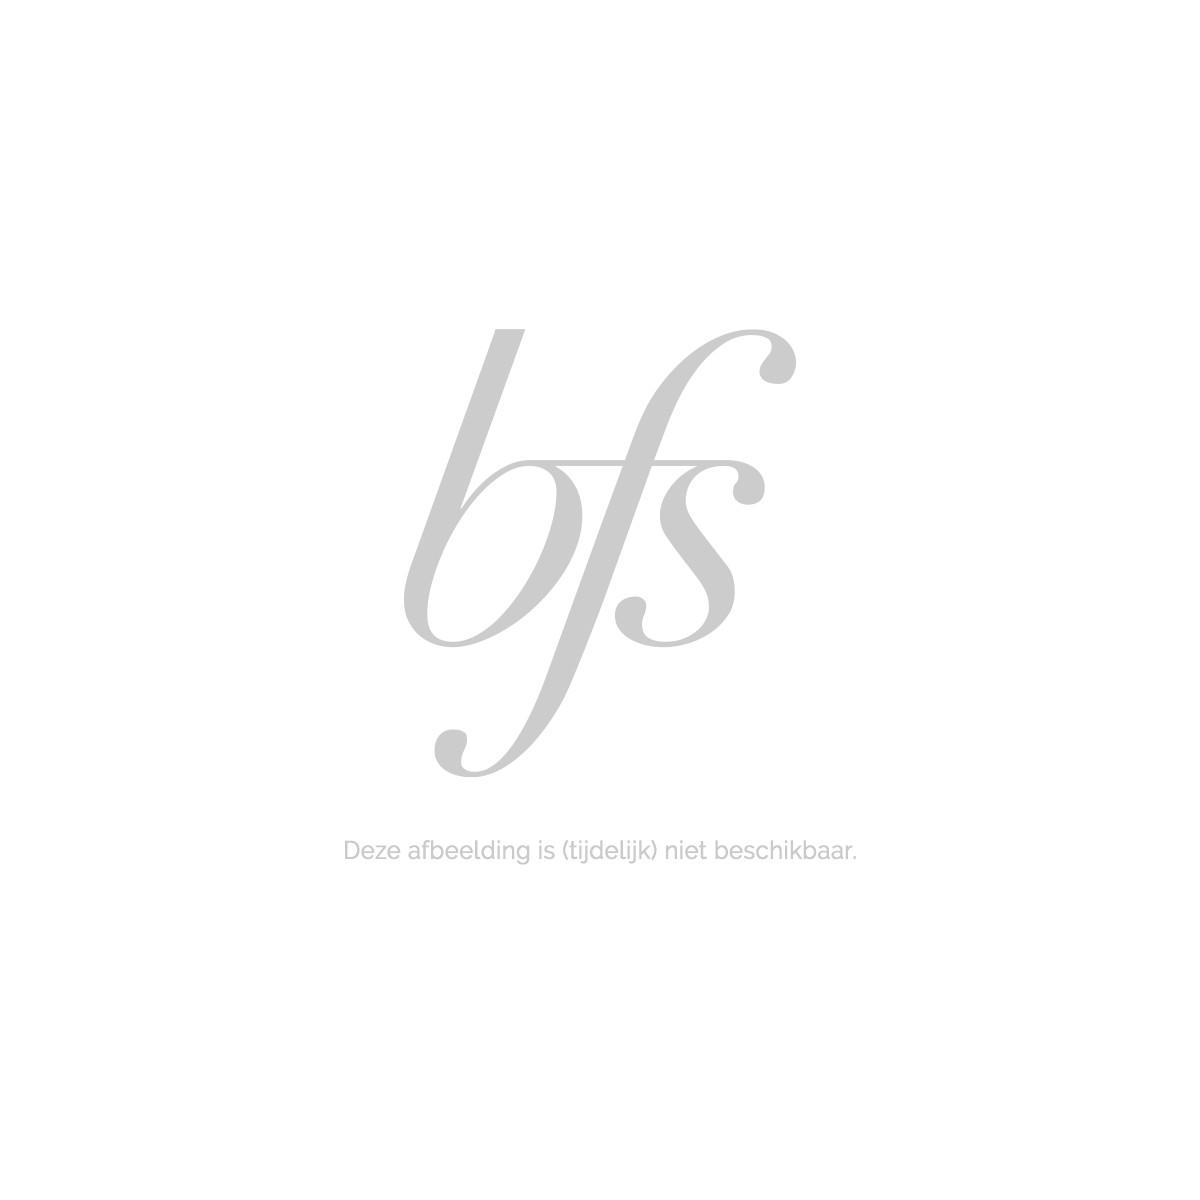 Babyliss Straightener Baby Sleek 13 X 60Mm Zwart/Wit